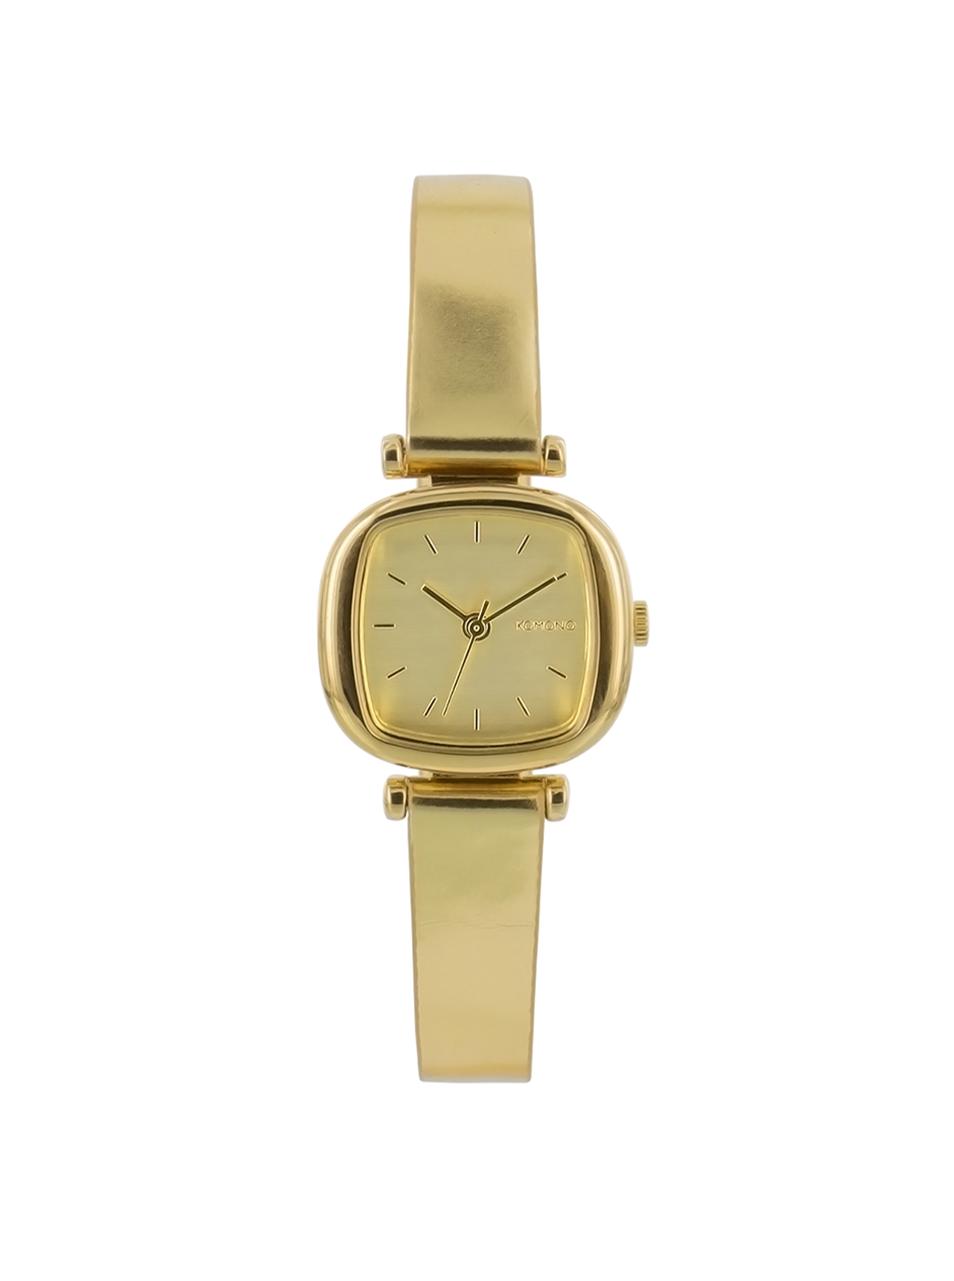 Dámské hodinky ve zlaté barvě Komono Moneypenny Metallic Gold